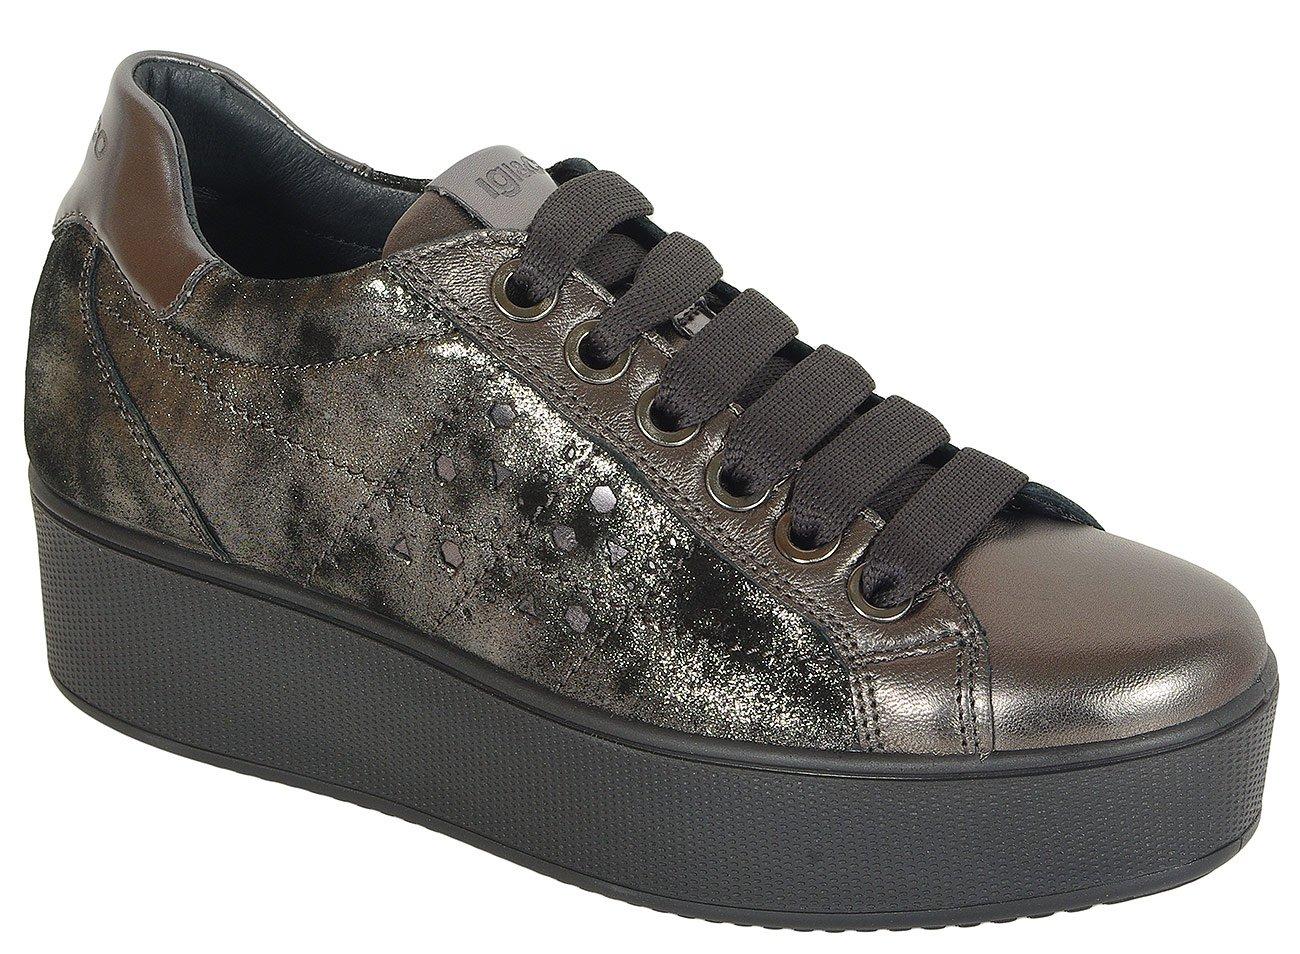 igi&co 41522 sneakers cap anthracite